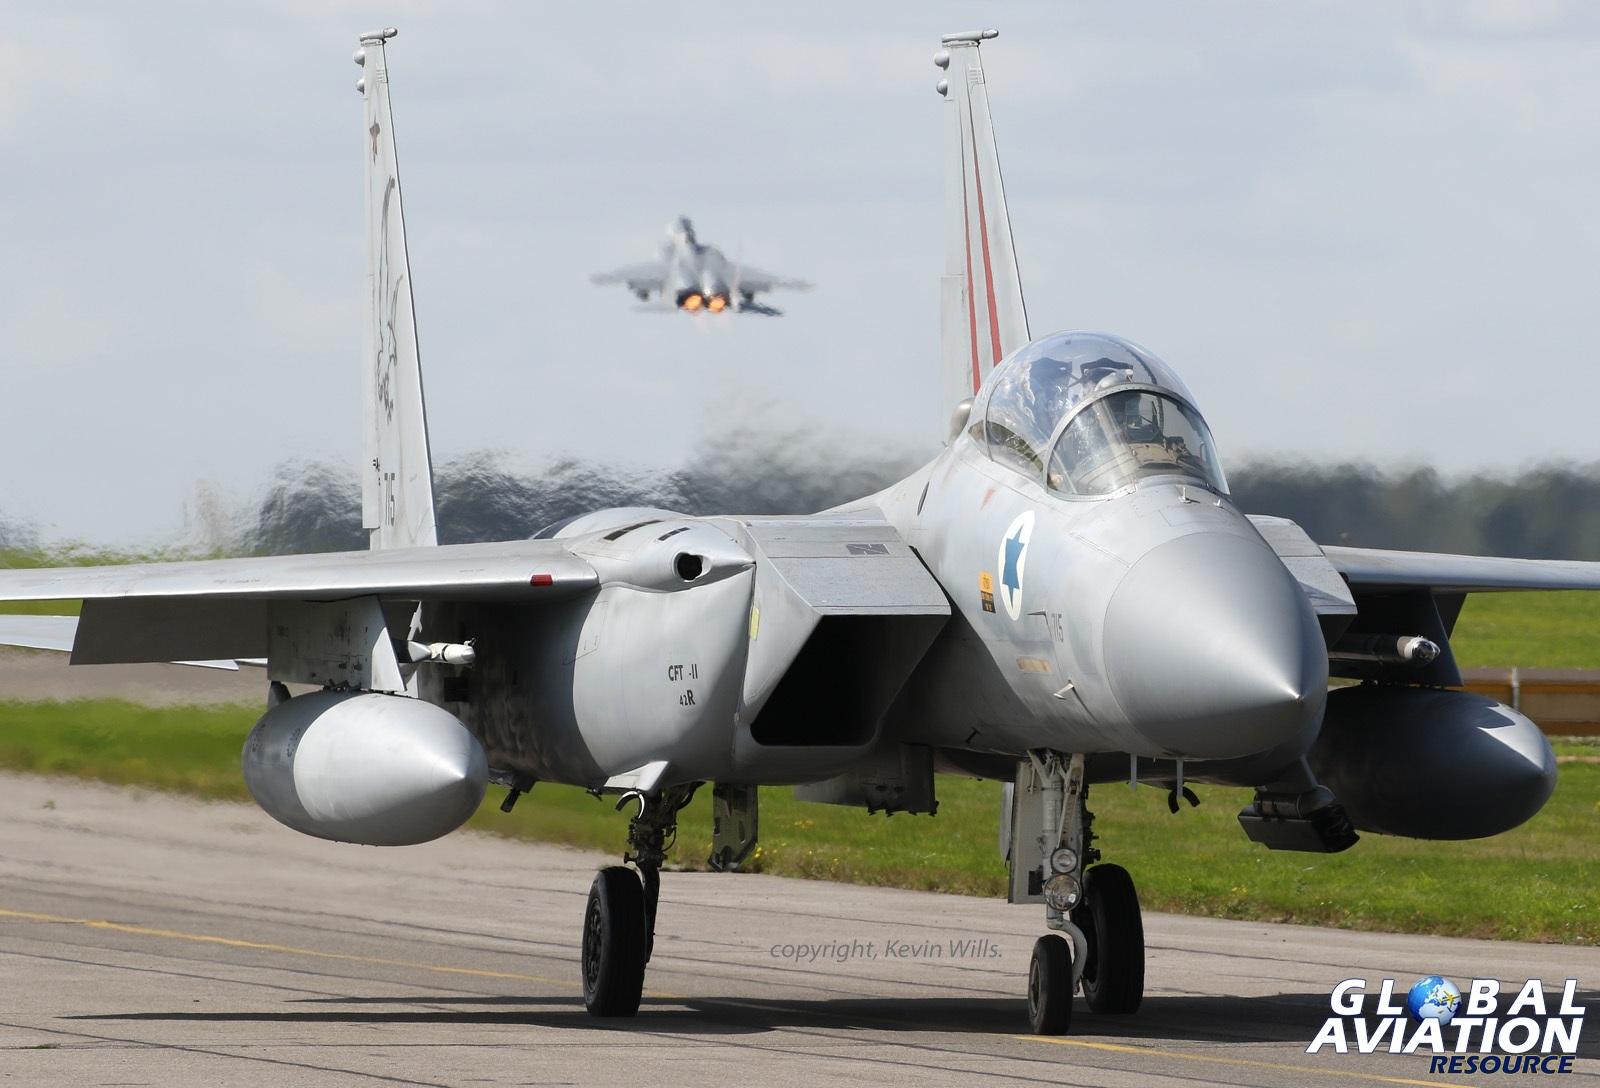 715_F-15D_106Sqn_IAF_KevinWills_344A4464-copy